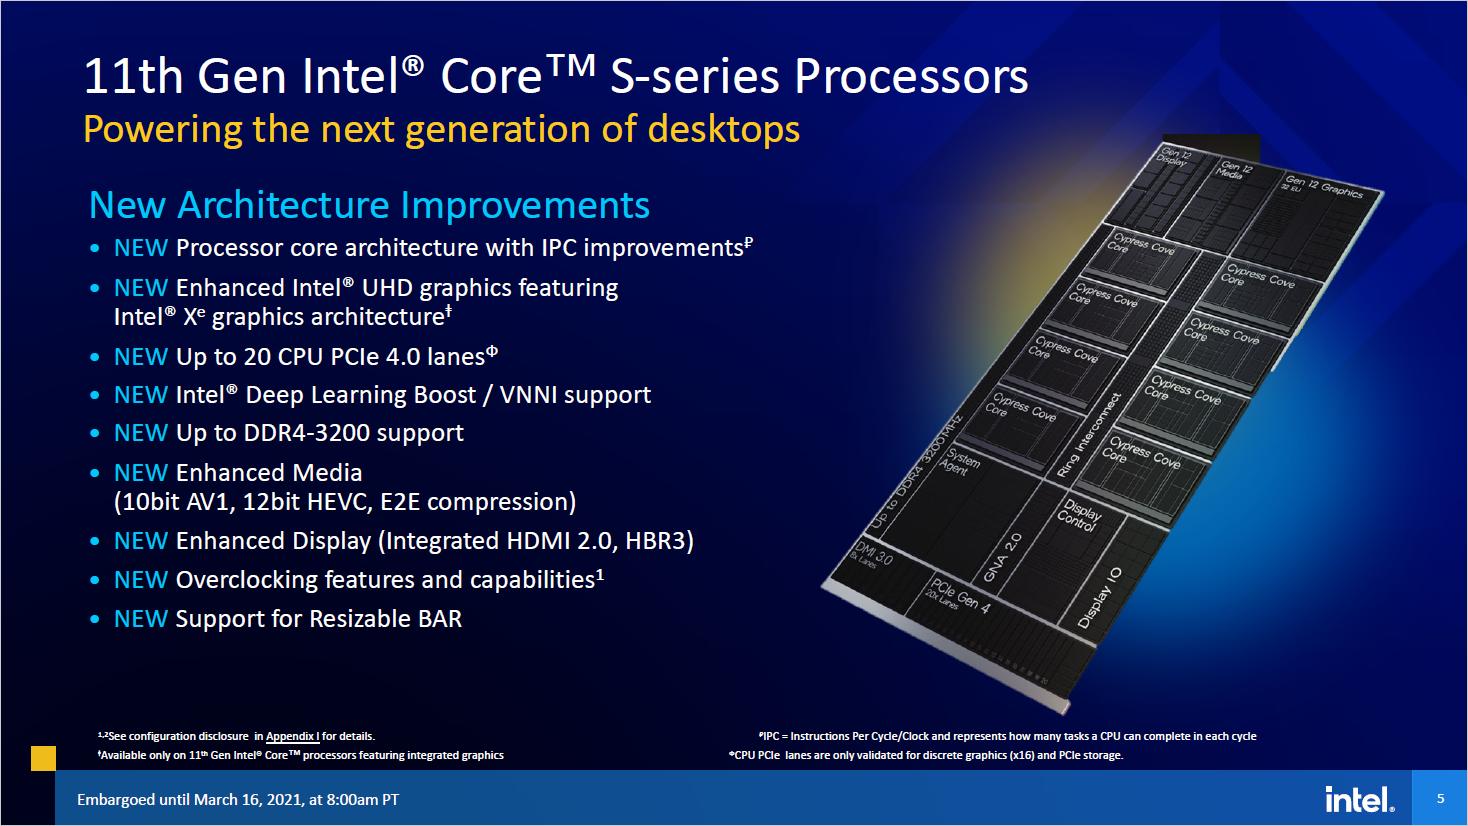 11th Gen Core: Das kann Intels Rocket Lake - RKL-S hat acht Kerne, eine Xe-iGPU mit 32 EUs und 20 PCIe Gen4 Lanes. (Bild: Intel)